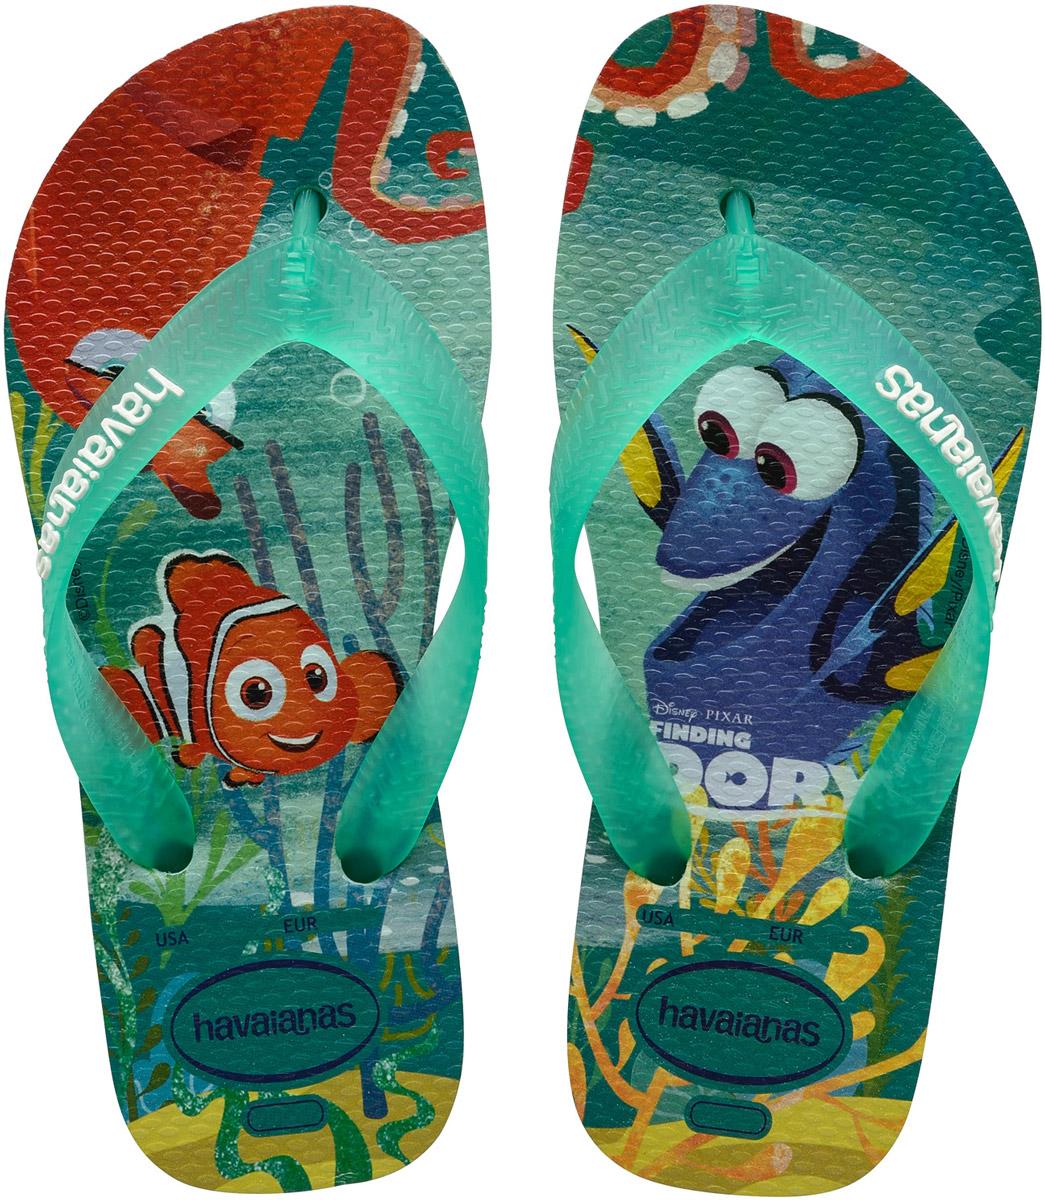 Сланцы детские Havaianas Kids Nemo E Dory, цвет: мультиколор. 41371270642. Размер 31/32 (32/33)41371270642Детские сланцы Kids Nemo E Dory от Havaianas прекрасно подойдут для похода в бассейн или на пляж. Верх модели, выполненный из резины, оформлен рельефным орнаментом и названием бренда. Ремешки с перемычкой гарантируют надежную фиксацию модели на ноге. Подошва выполнена из материала ЭВА. Рифление на верхней поверхности подошвы предотвращает выскальзывание ноги. Рельефное основание подошвы обеспечивает уверенное сцепление с любой поверхностью.